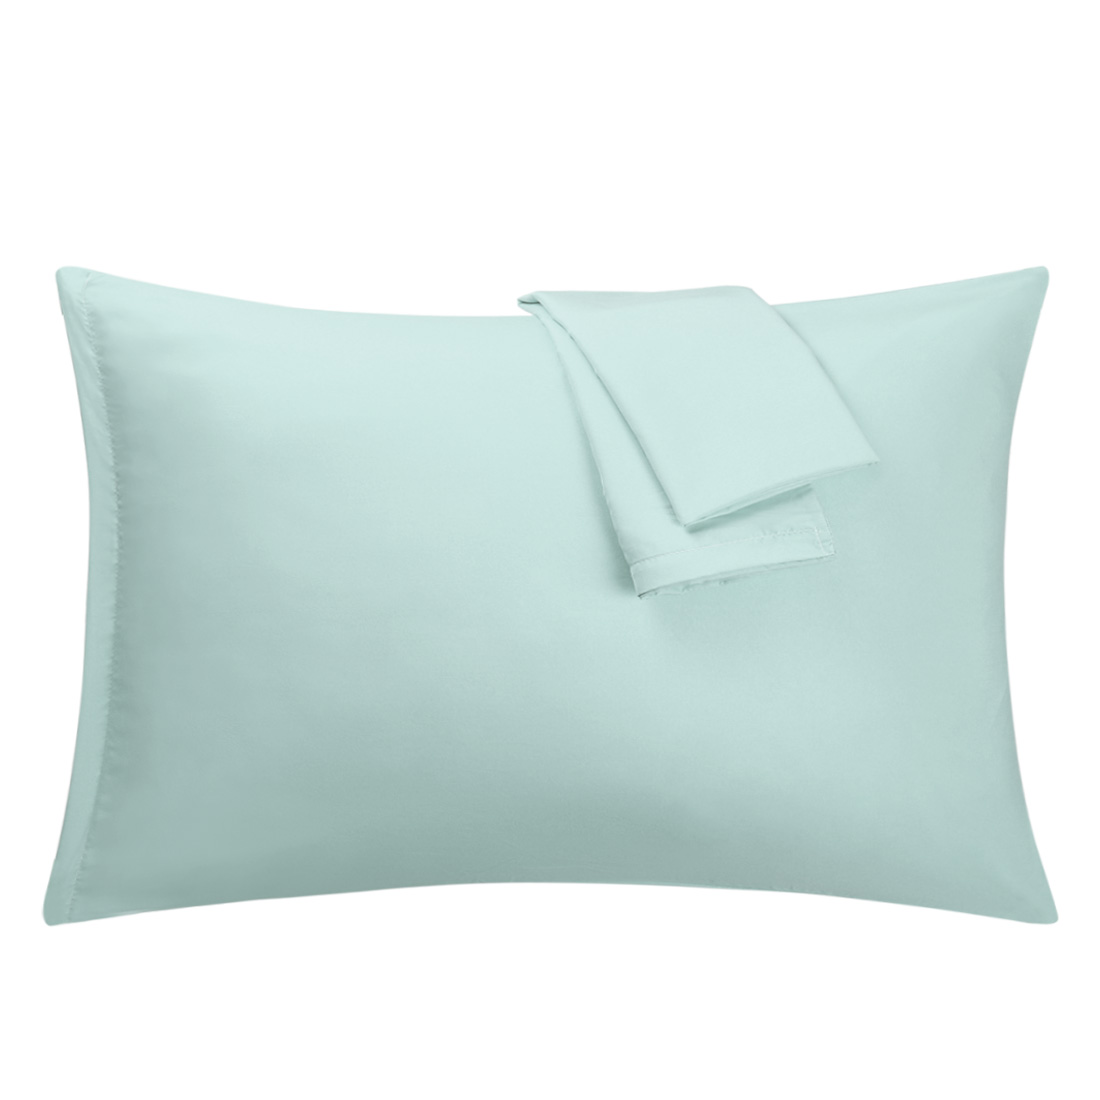 Light Green Pillowcases Soft Microfiber Pillow Case with Zipper Queen, 2 Pack